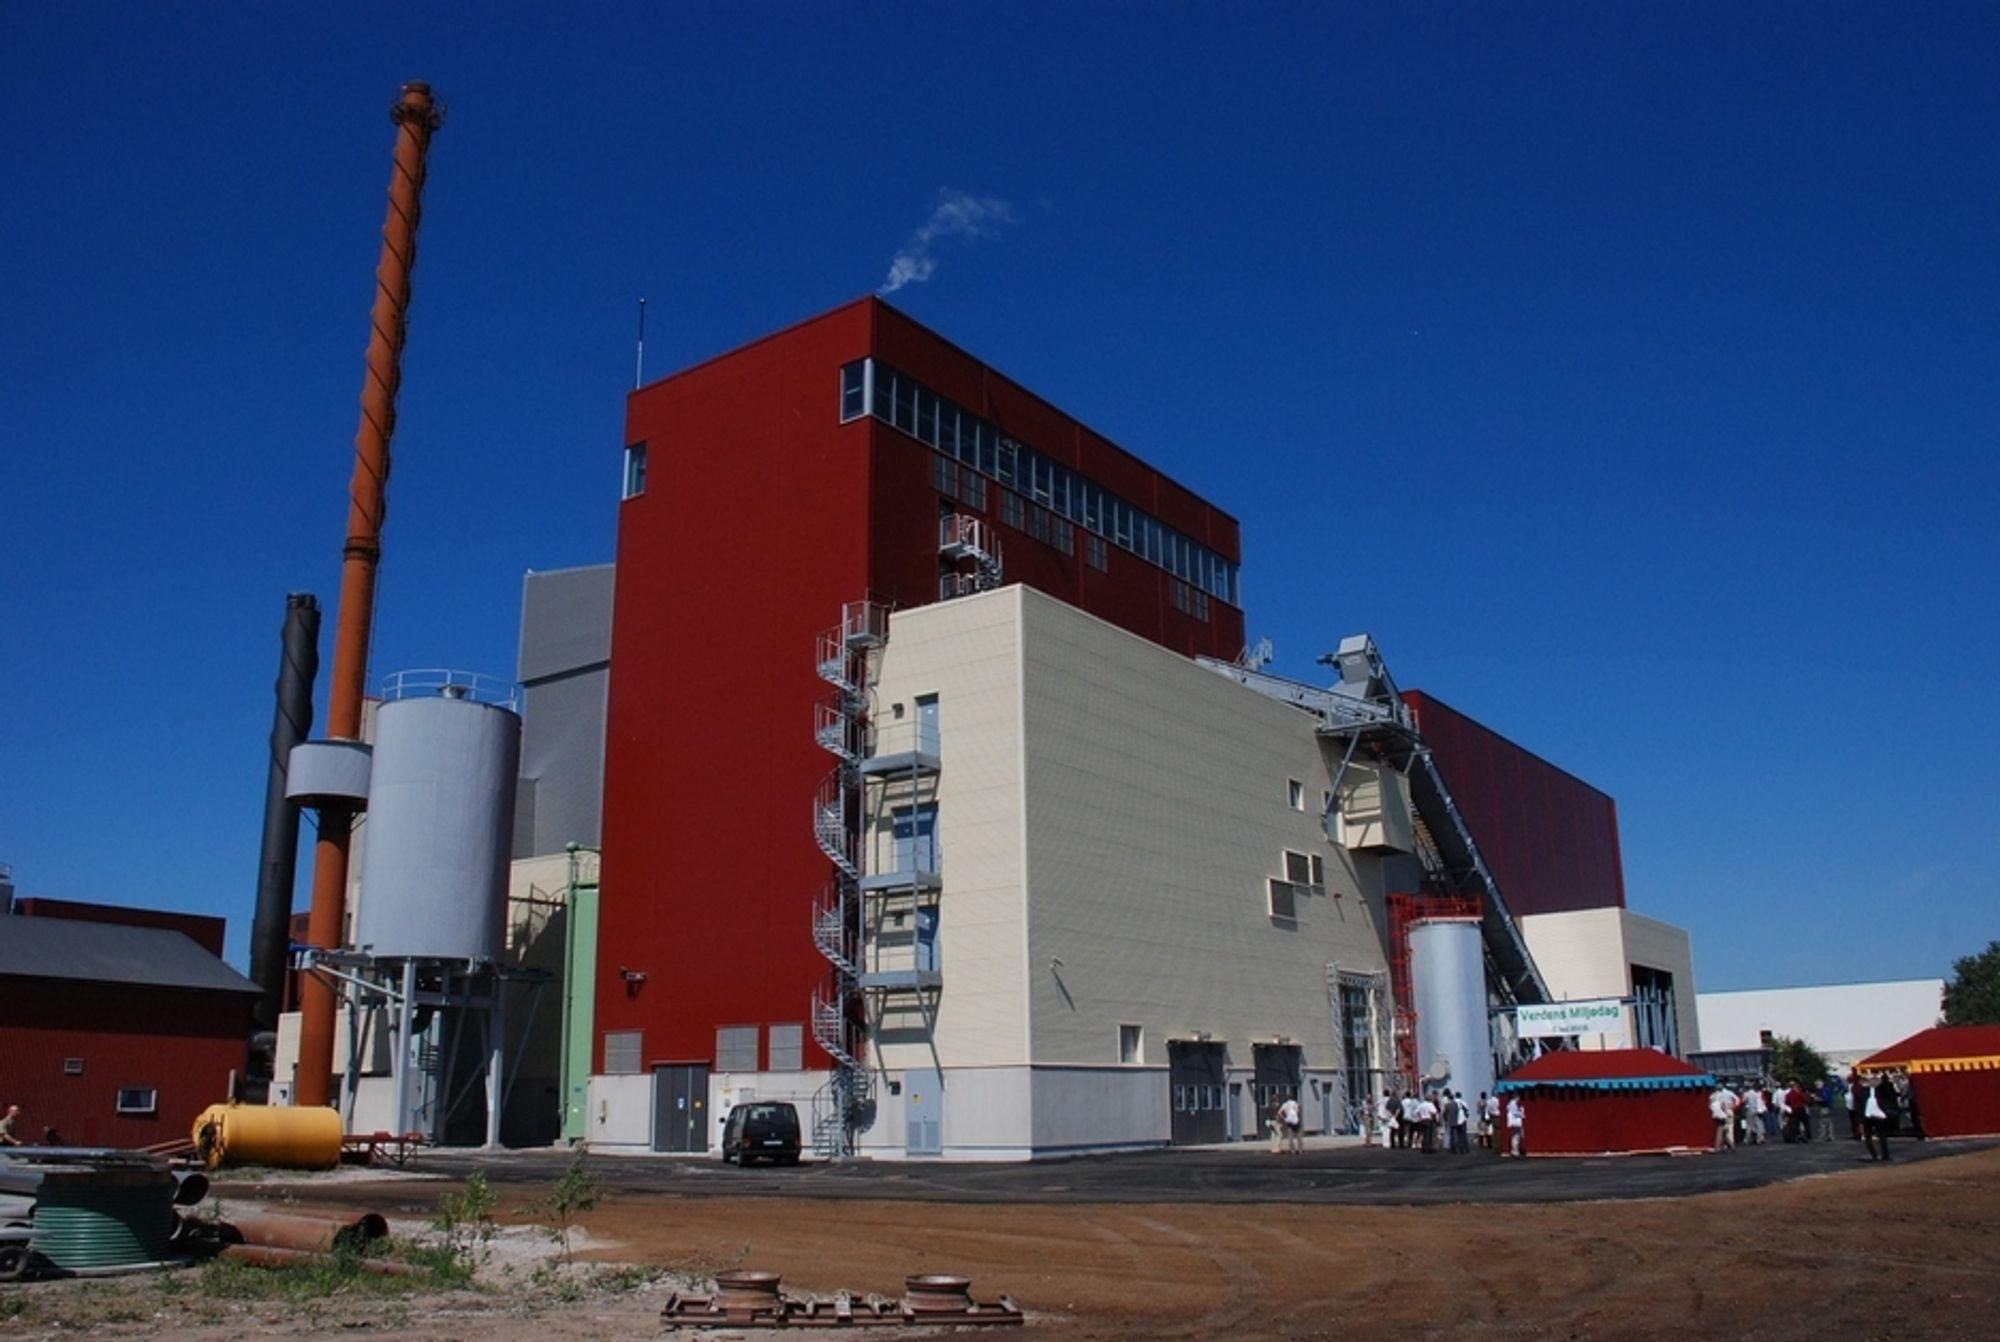 TRENGER STØTTE: Slagen Energigjenvinning vil håndtere ca. 55.000 tonn restavfall fra husholdinger og industri, og vil kunne produsere inntil 160 GWh termisk energi.